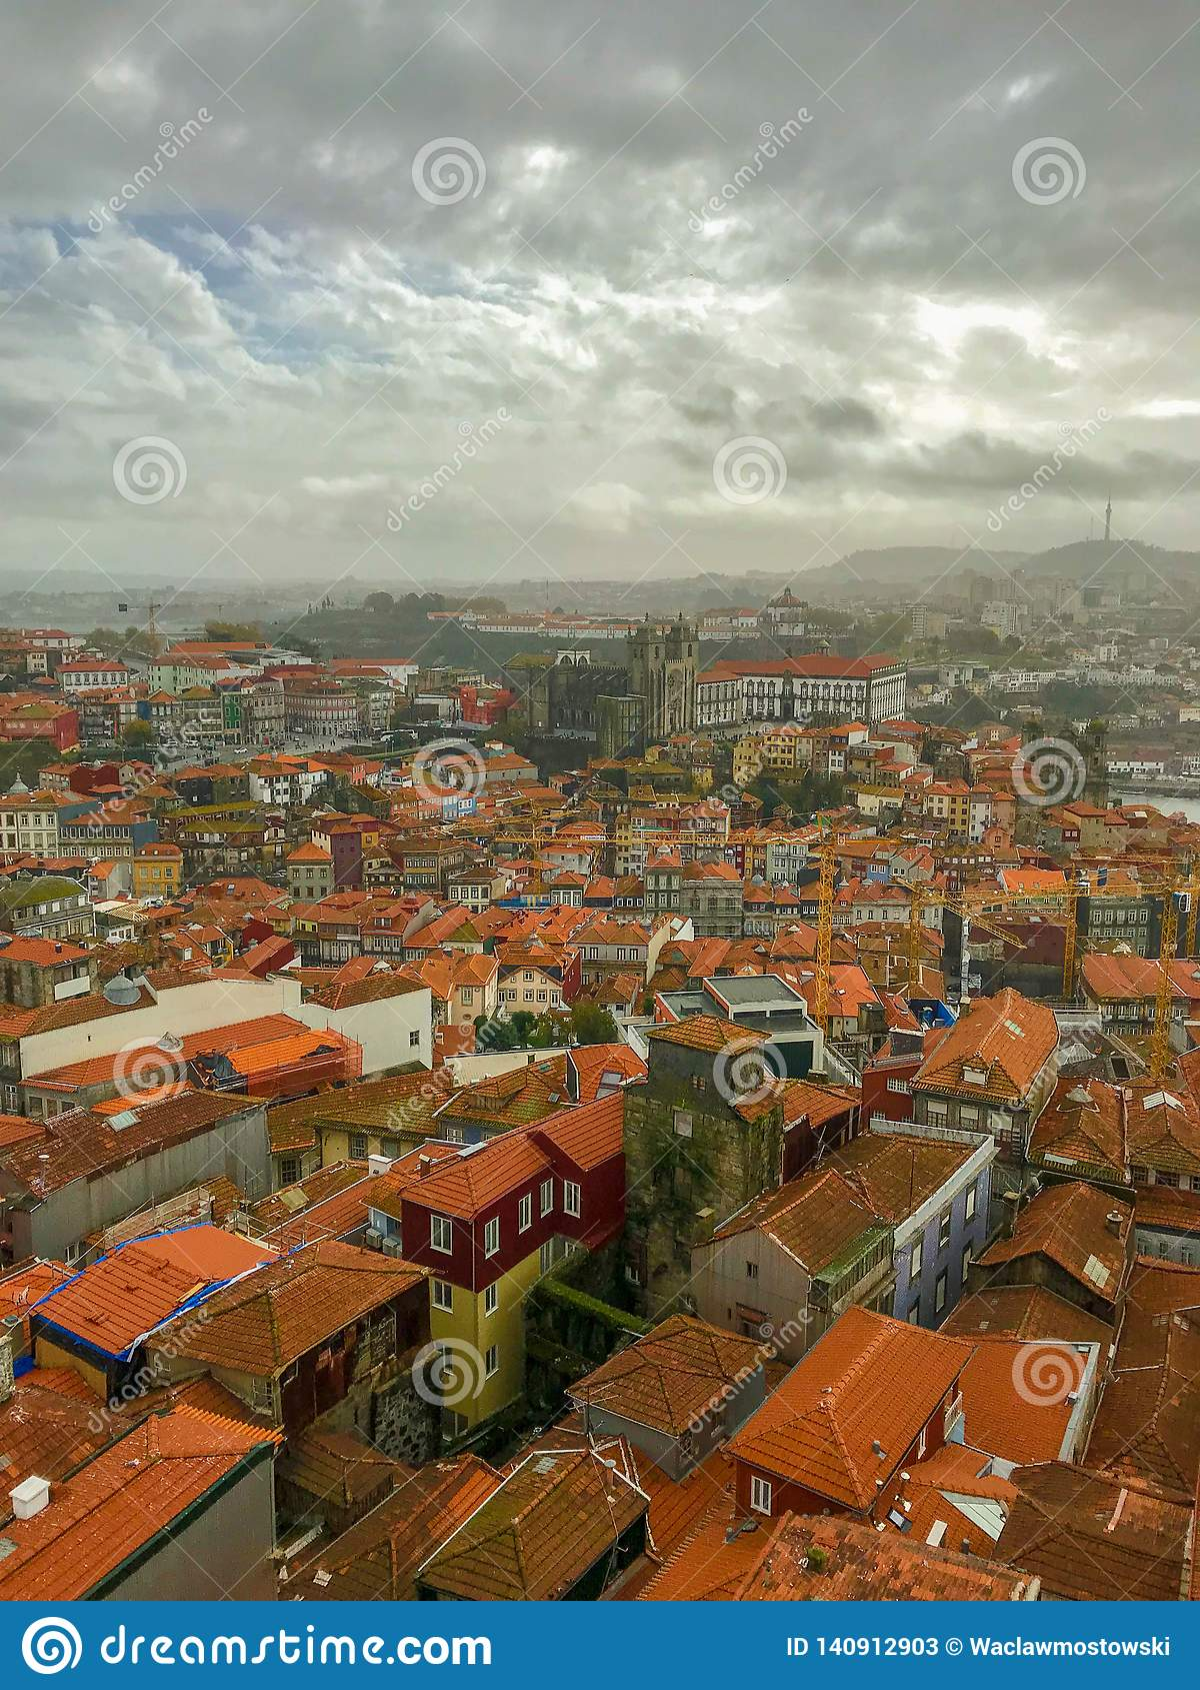 Malerische Panoramaansicht von Porto, Portugal am bewölkten Tag